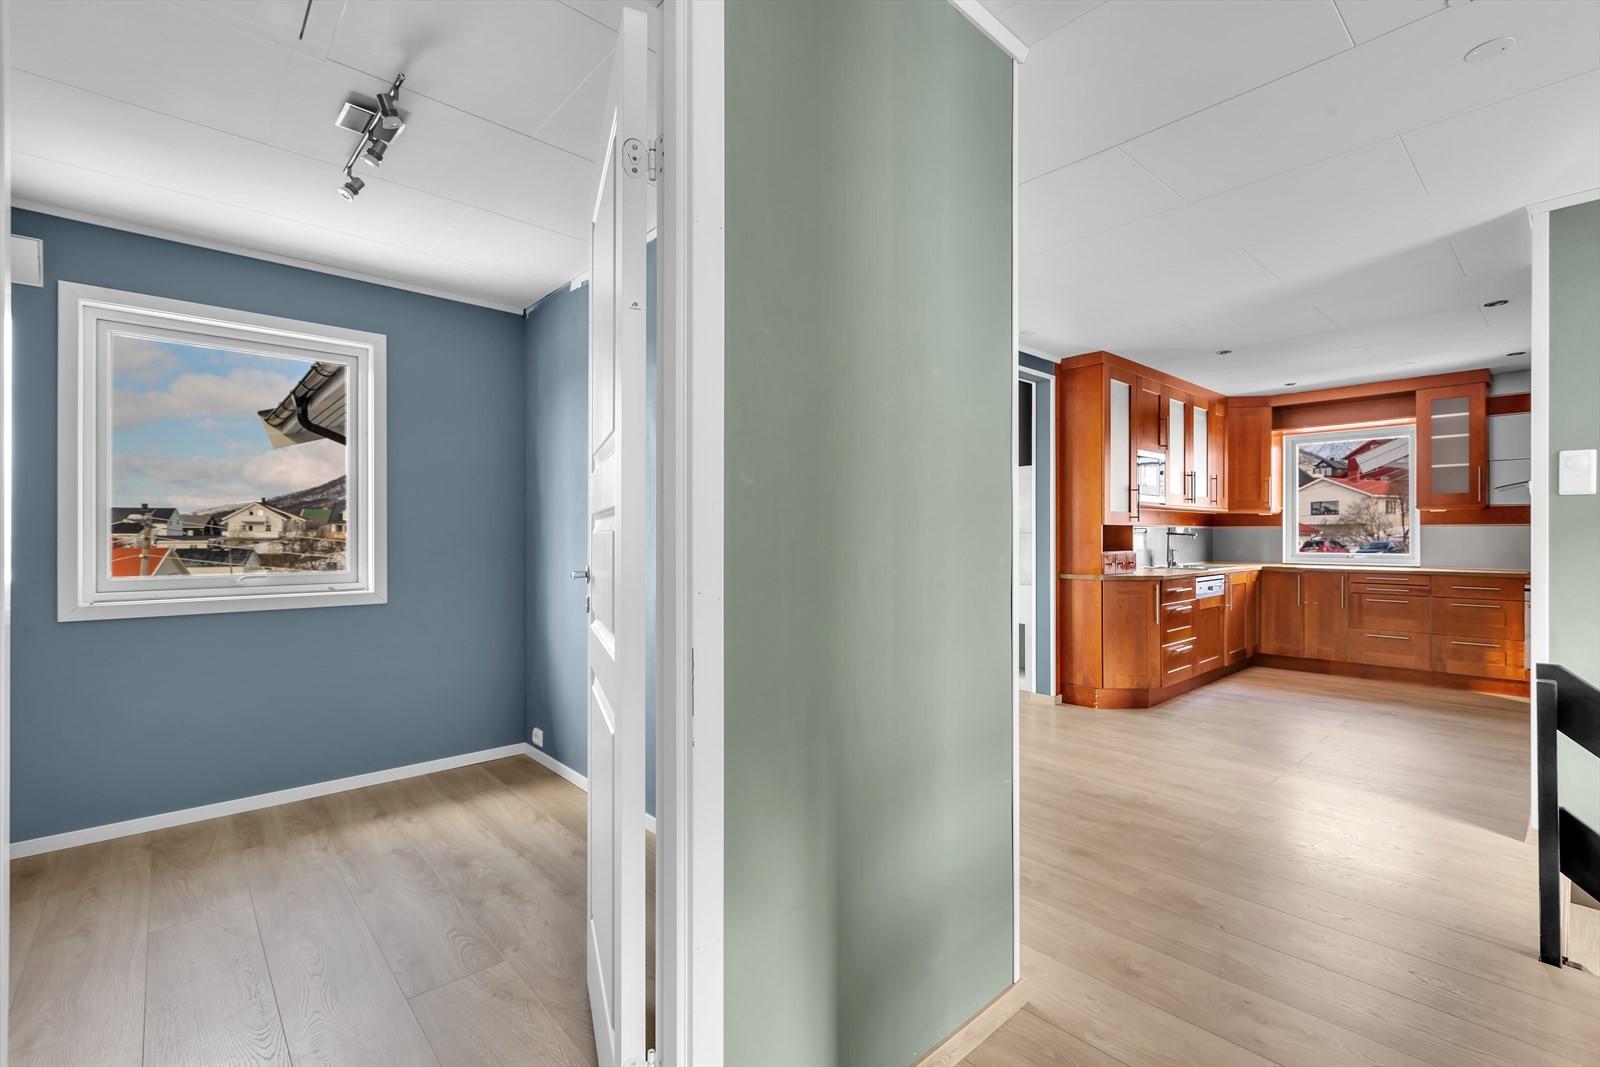 Bilde fra soveromsgangen mot kjøkkenet.